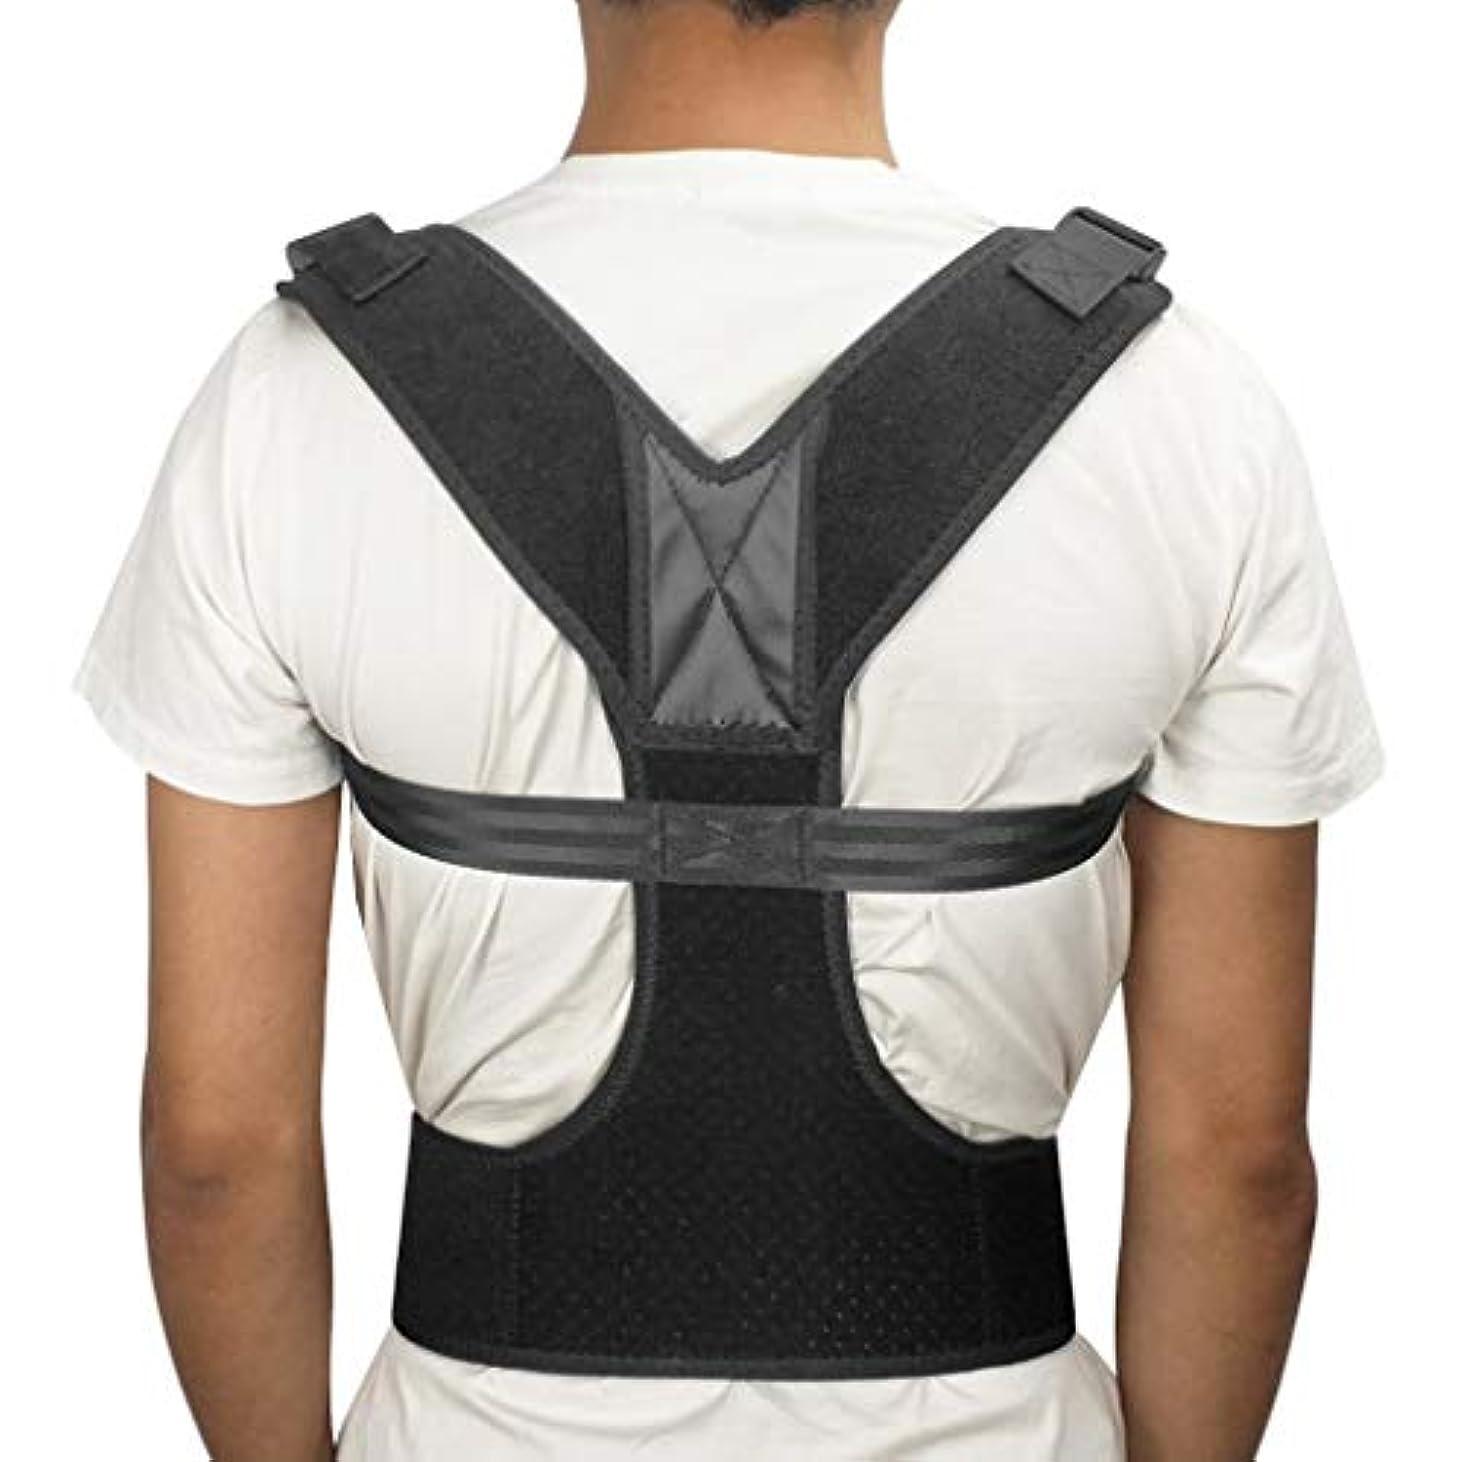 領収書答え絡まるバックサポート姿勢ブレース - ユニセックスアンチハンプバック調節可能な鎖骨固定ストラップ